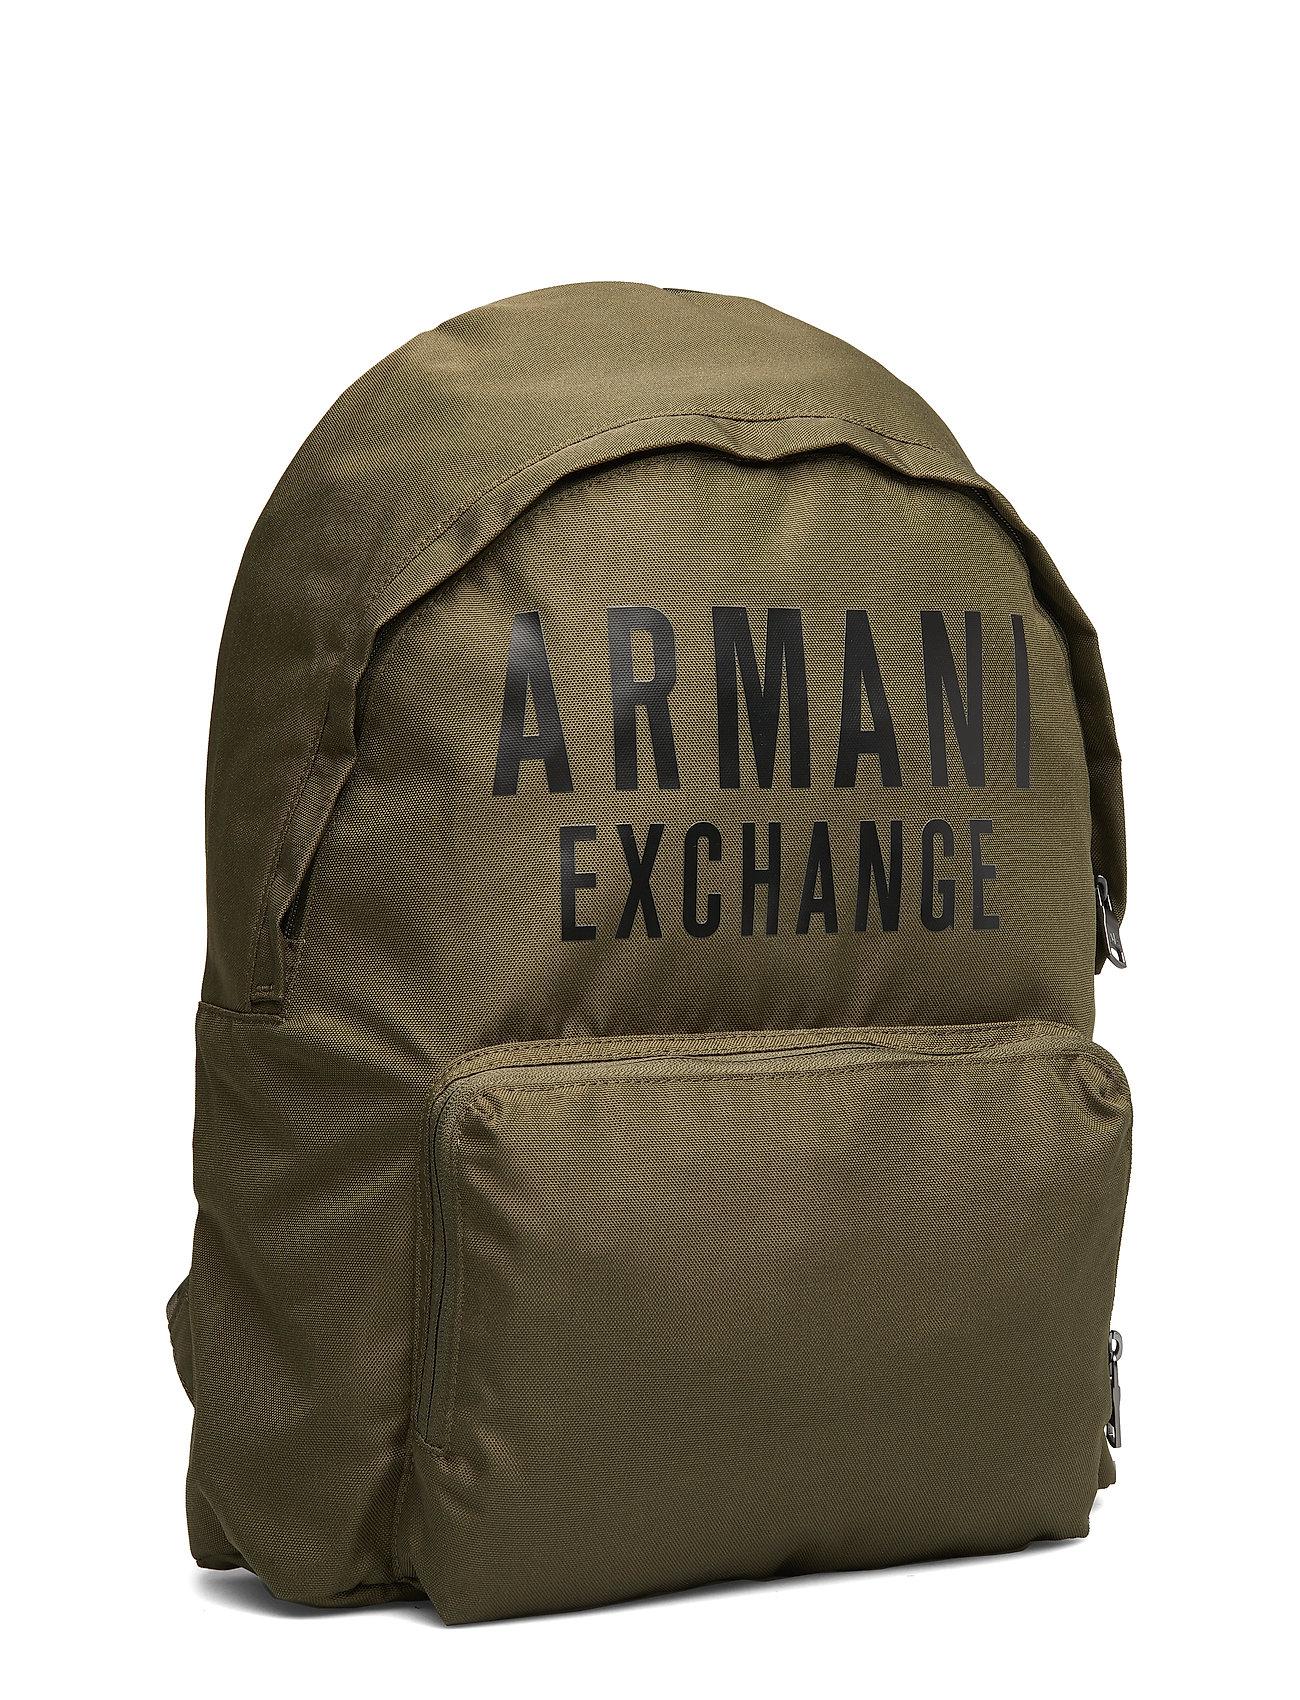 ARMANI EXCHANGE Ax Man'S Backpack Rucksack Tasche Grün ARMANI EXCHANGE